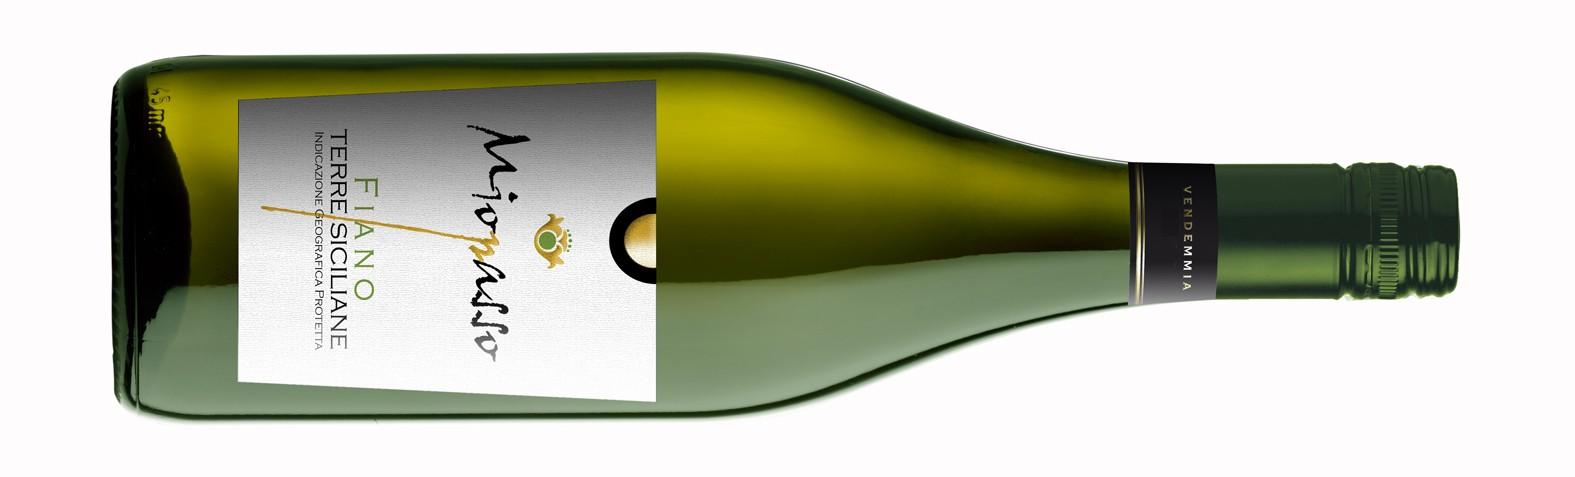 001 Miopasso Fiano bottleshot